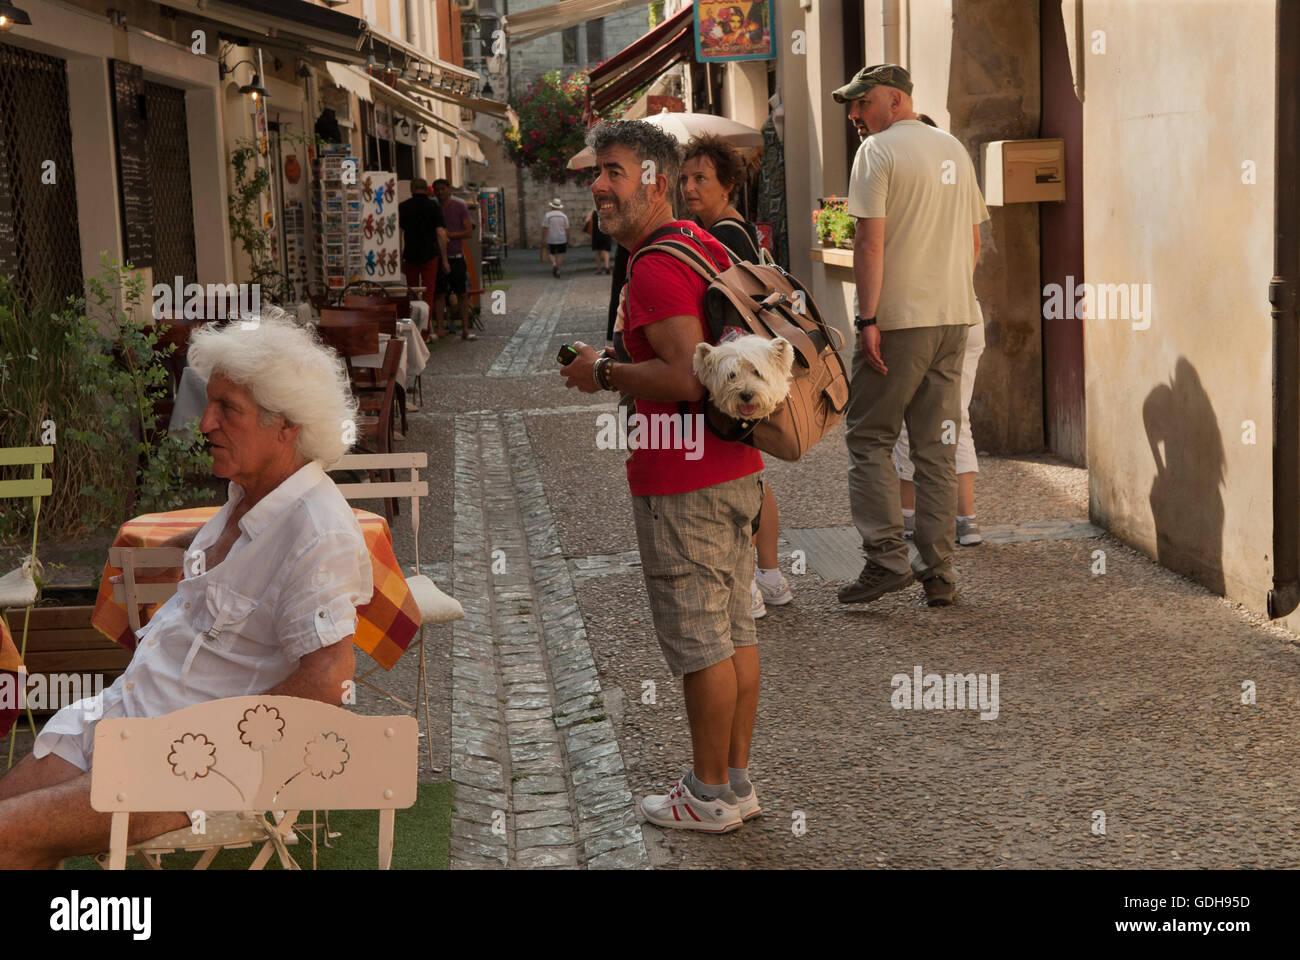 Cane essendo portati in borsa a tracolla in Francia. HOMER SYKES Immagini Stock